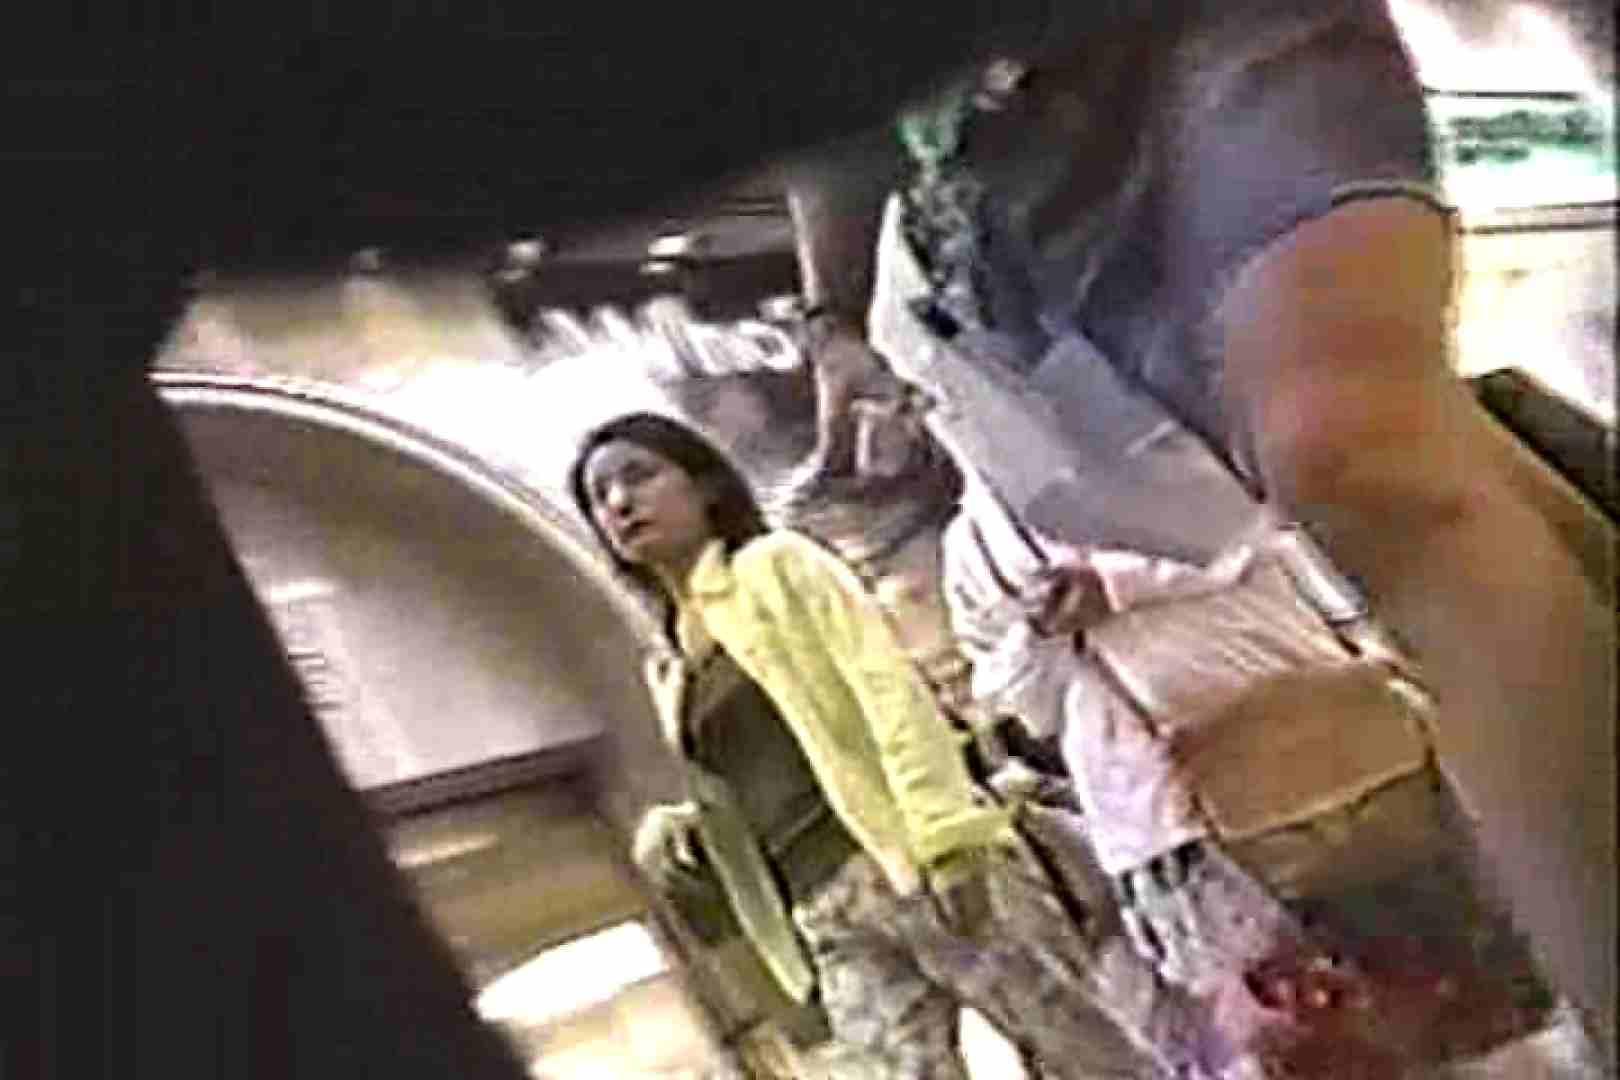 「ちくりん」さんのオリジナル未編集パンチラVol.1_01 チラ  95画像 39